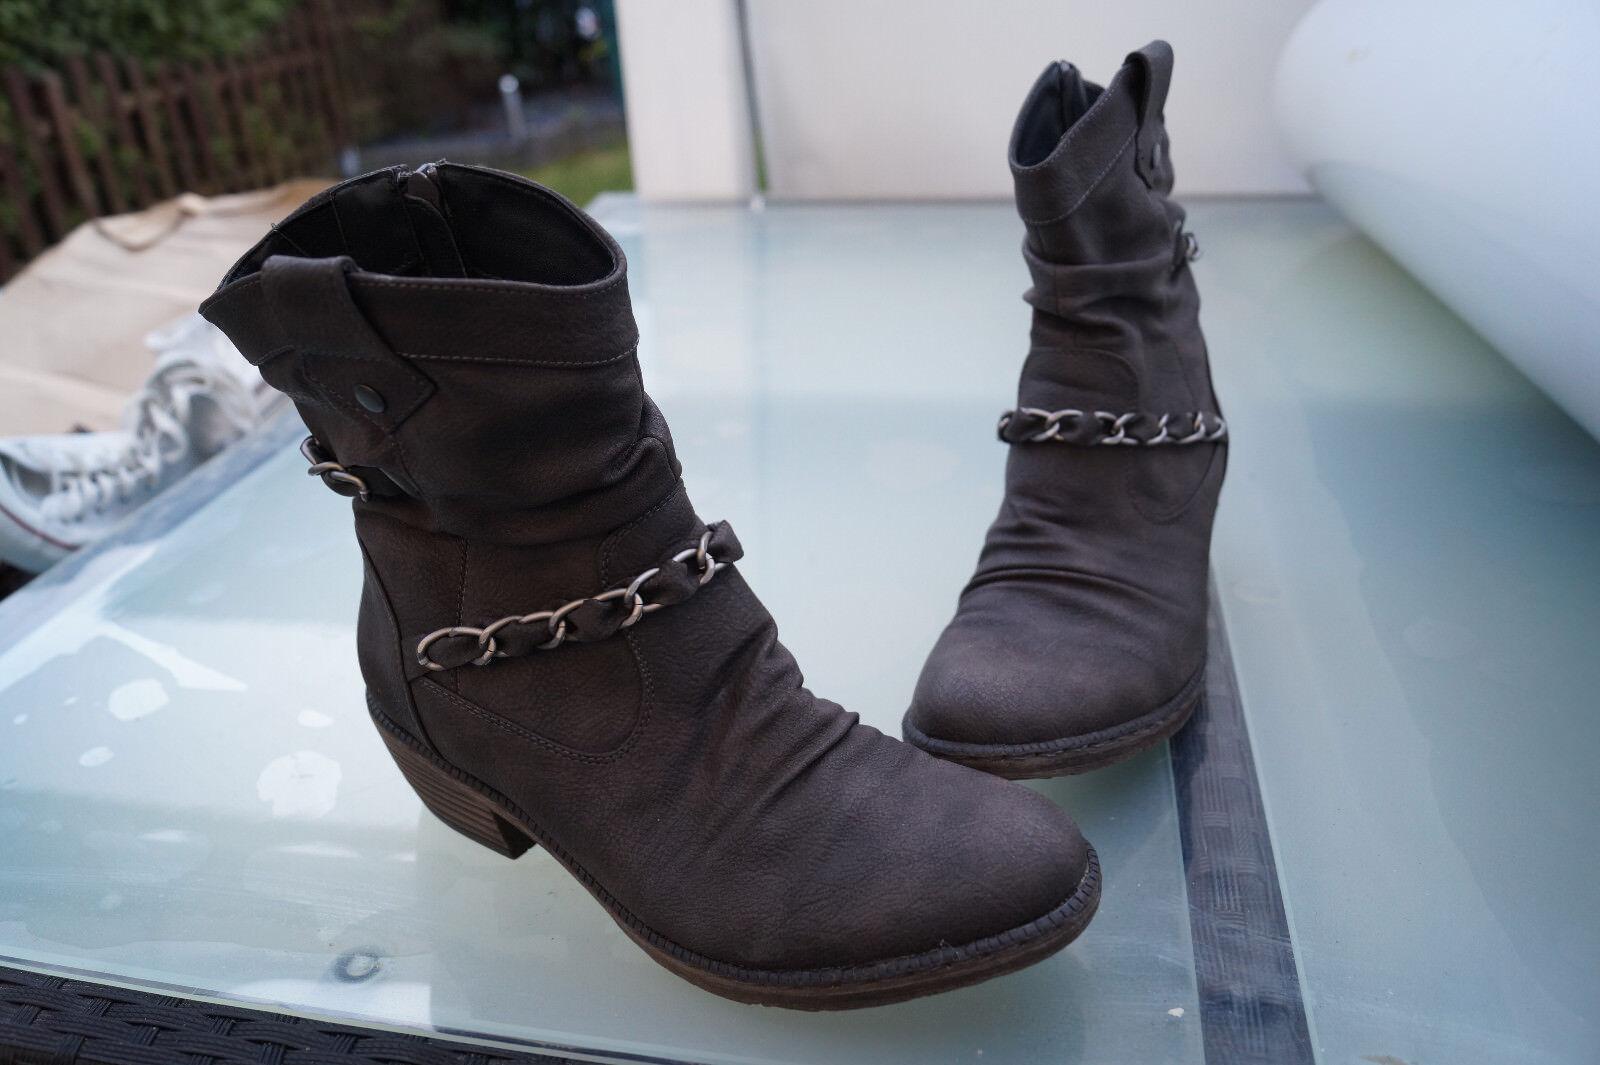 Rieker femmes femmes femmes hiver chaussures bottes bottine bottes taille 39 marron doubleure  54 495315